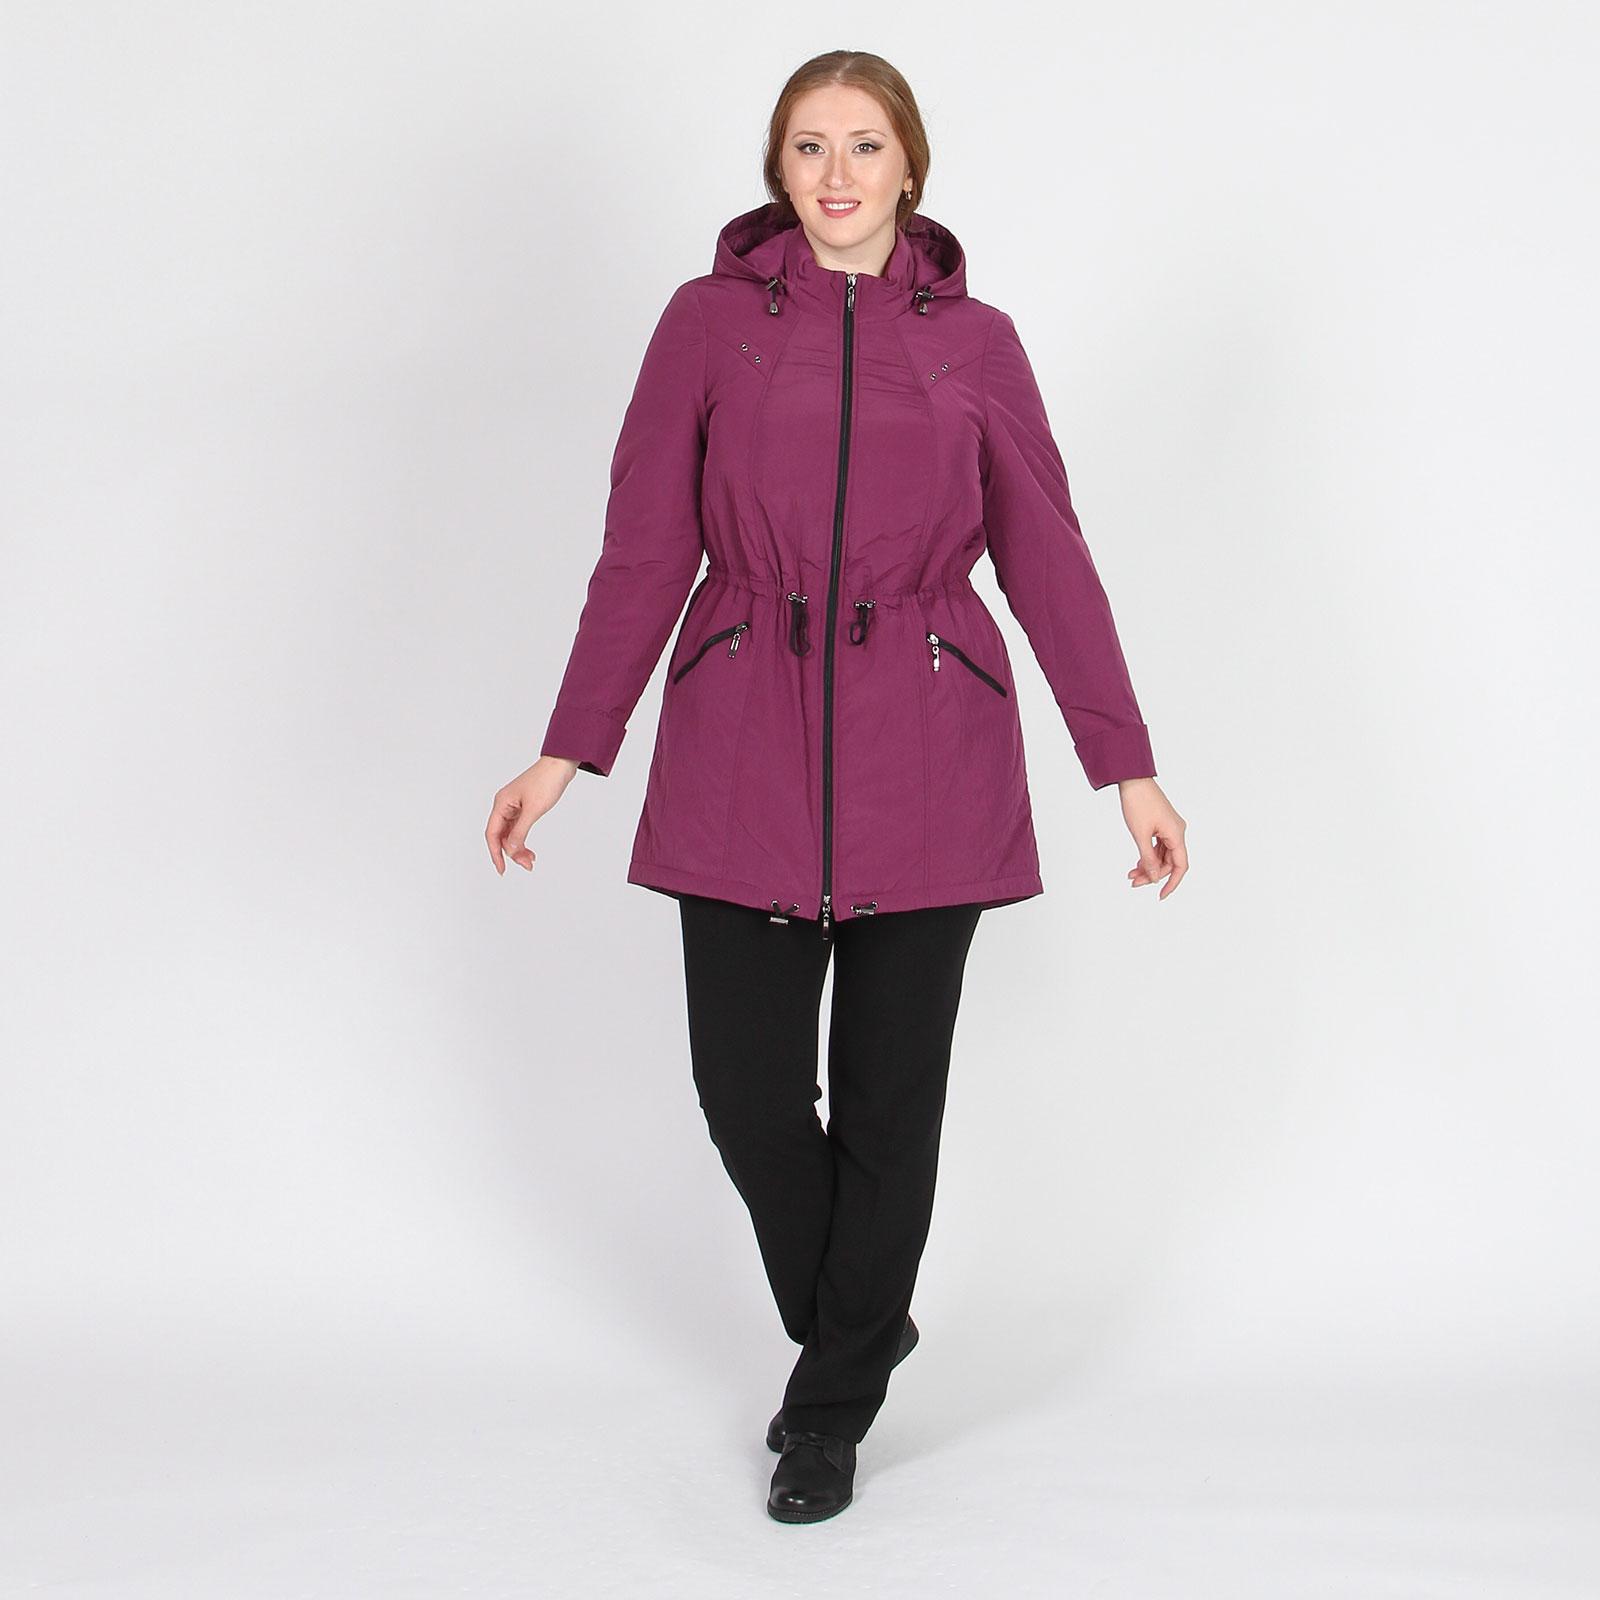 Куртка-парка на молнии с капюшоном на кулиске